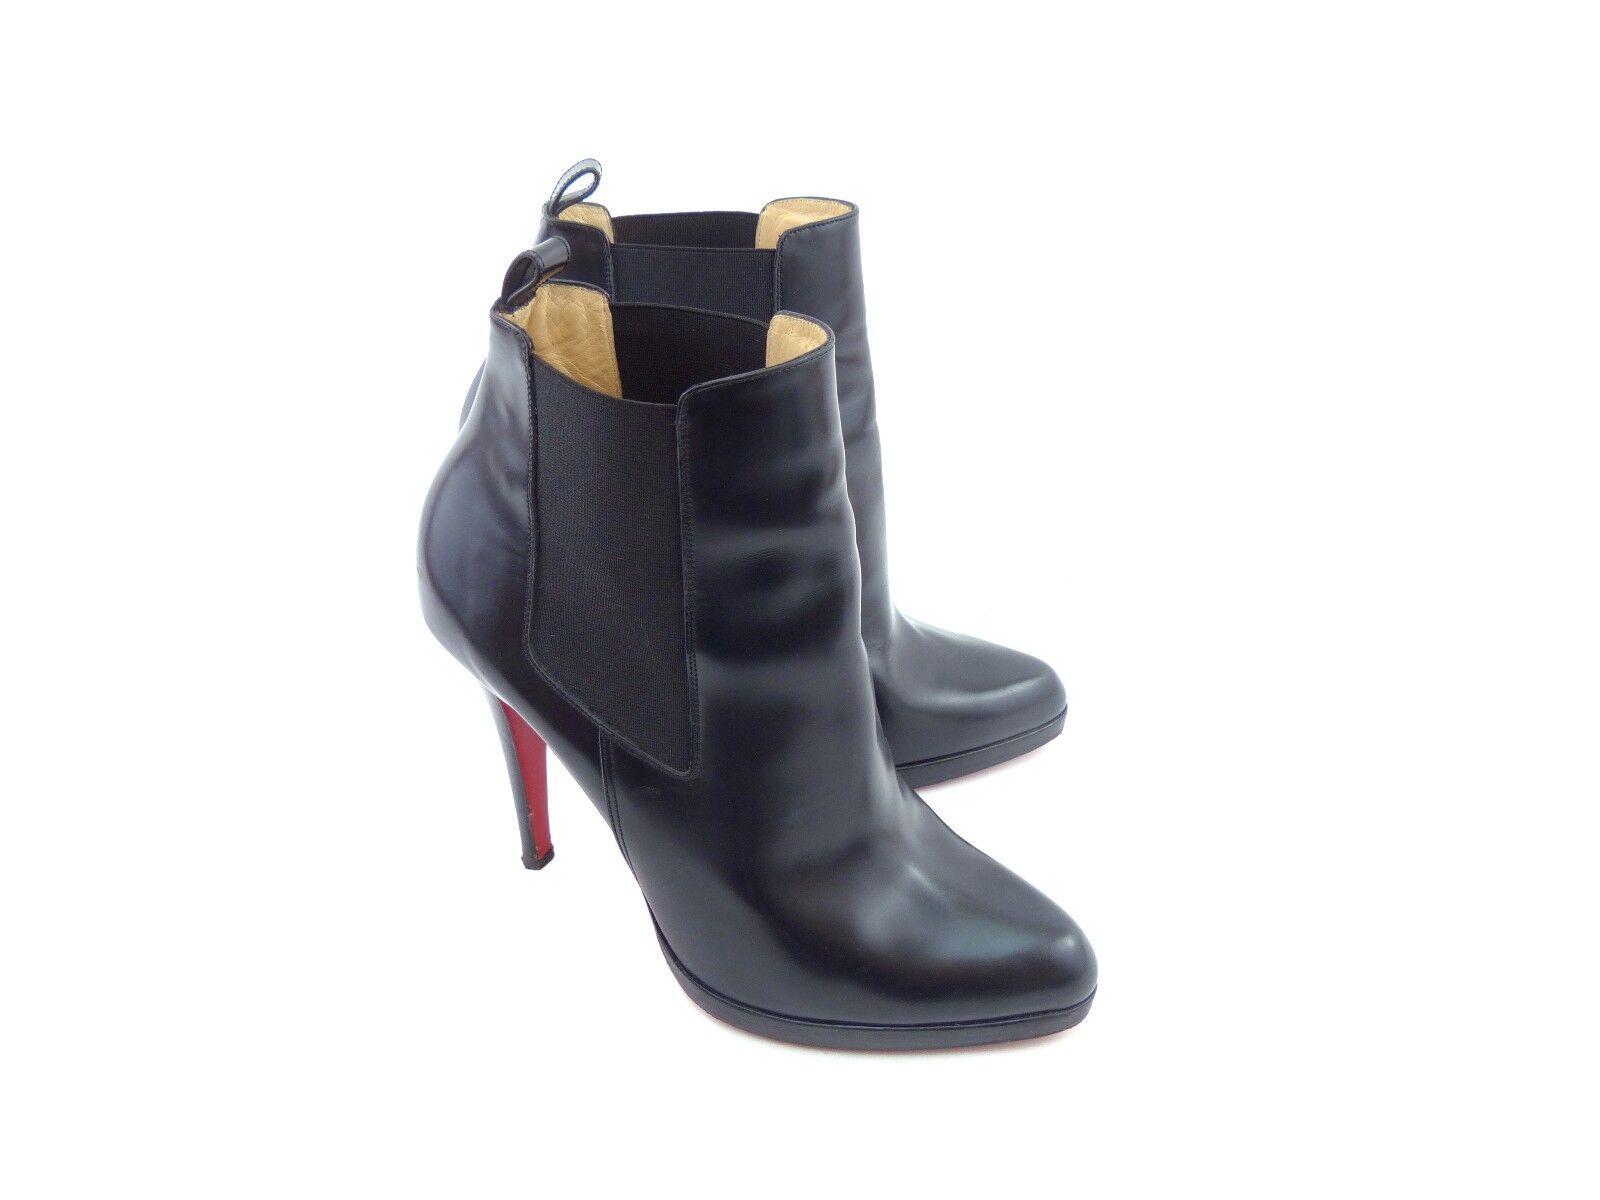 Descuento de liquidación Christian Louboutin 'Bang Bang' Eden Black Leather Ankle Boots [ 55% OFF  ]